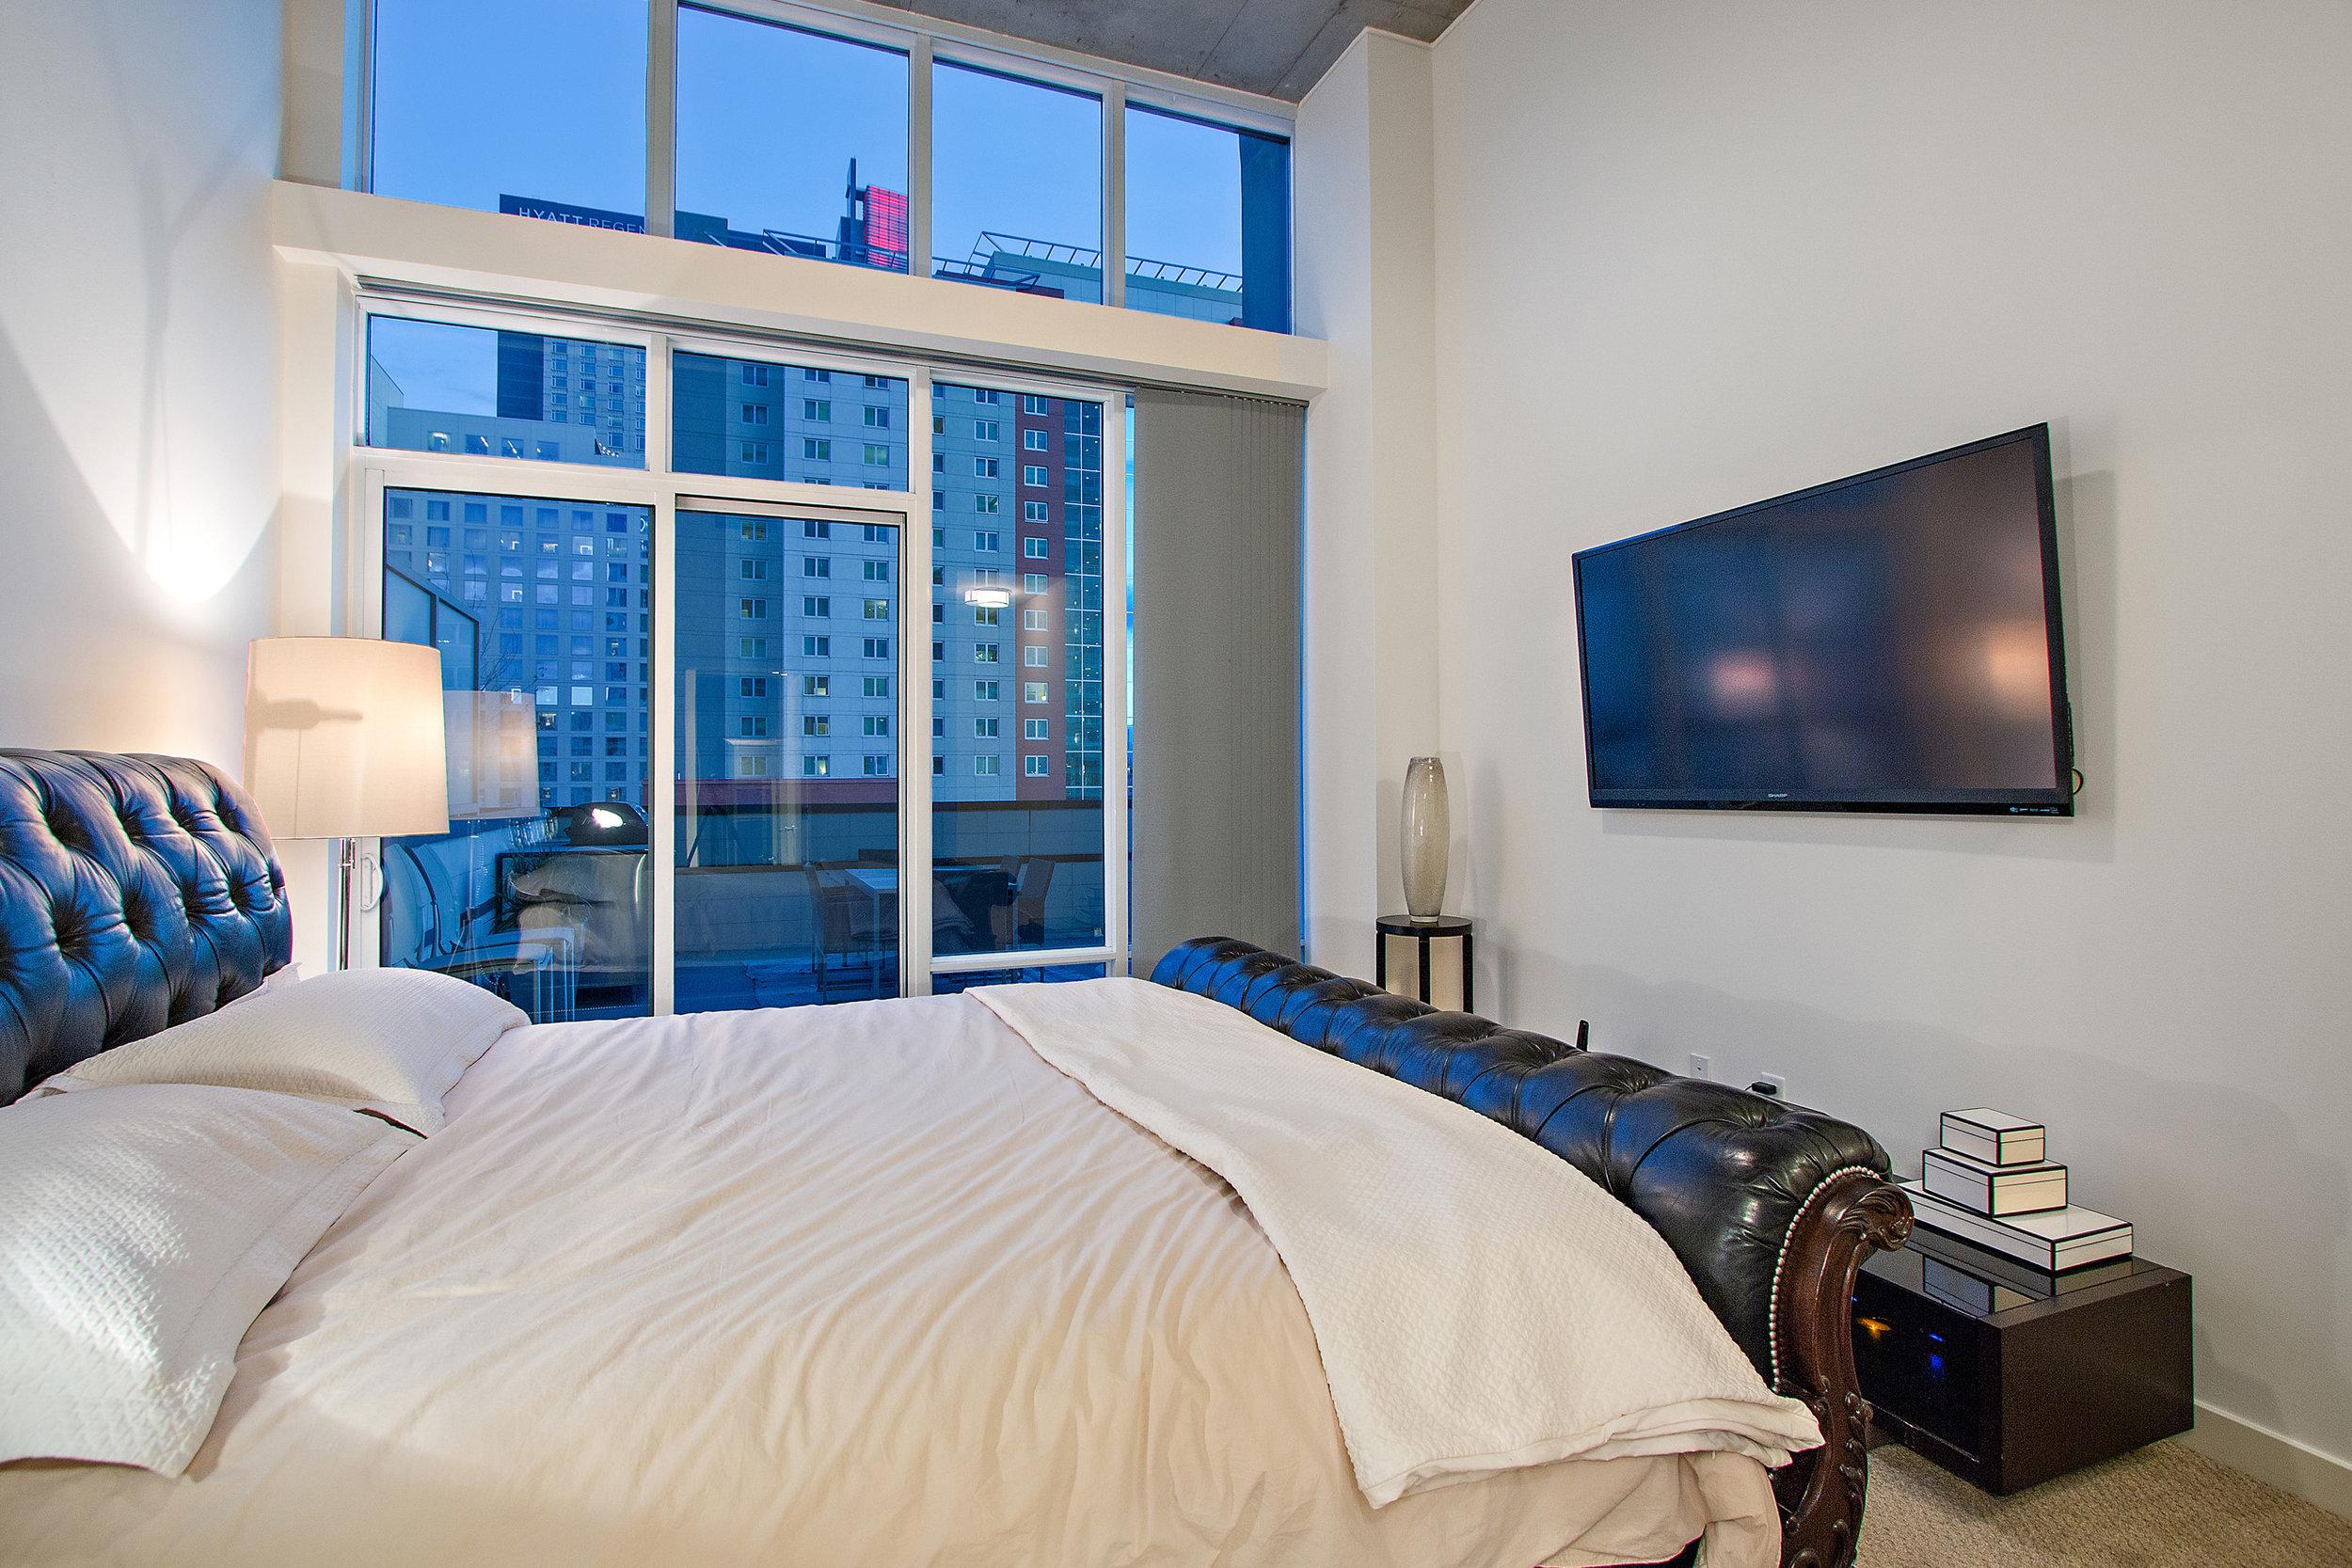 11 Spire 910 Master Bedroom at Night.jpg